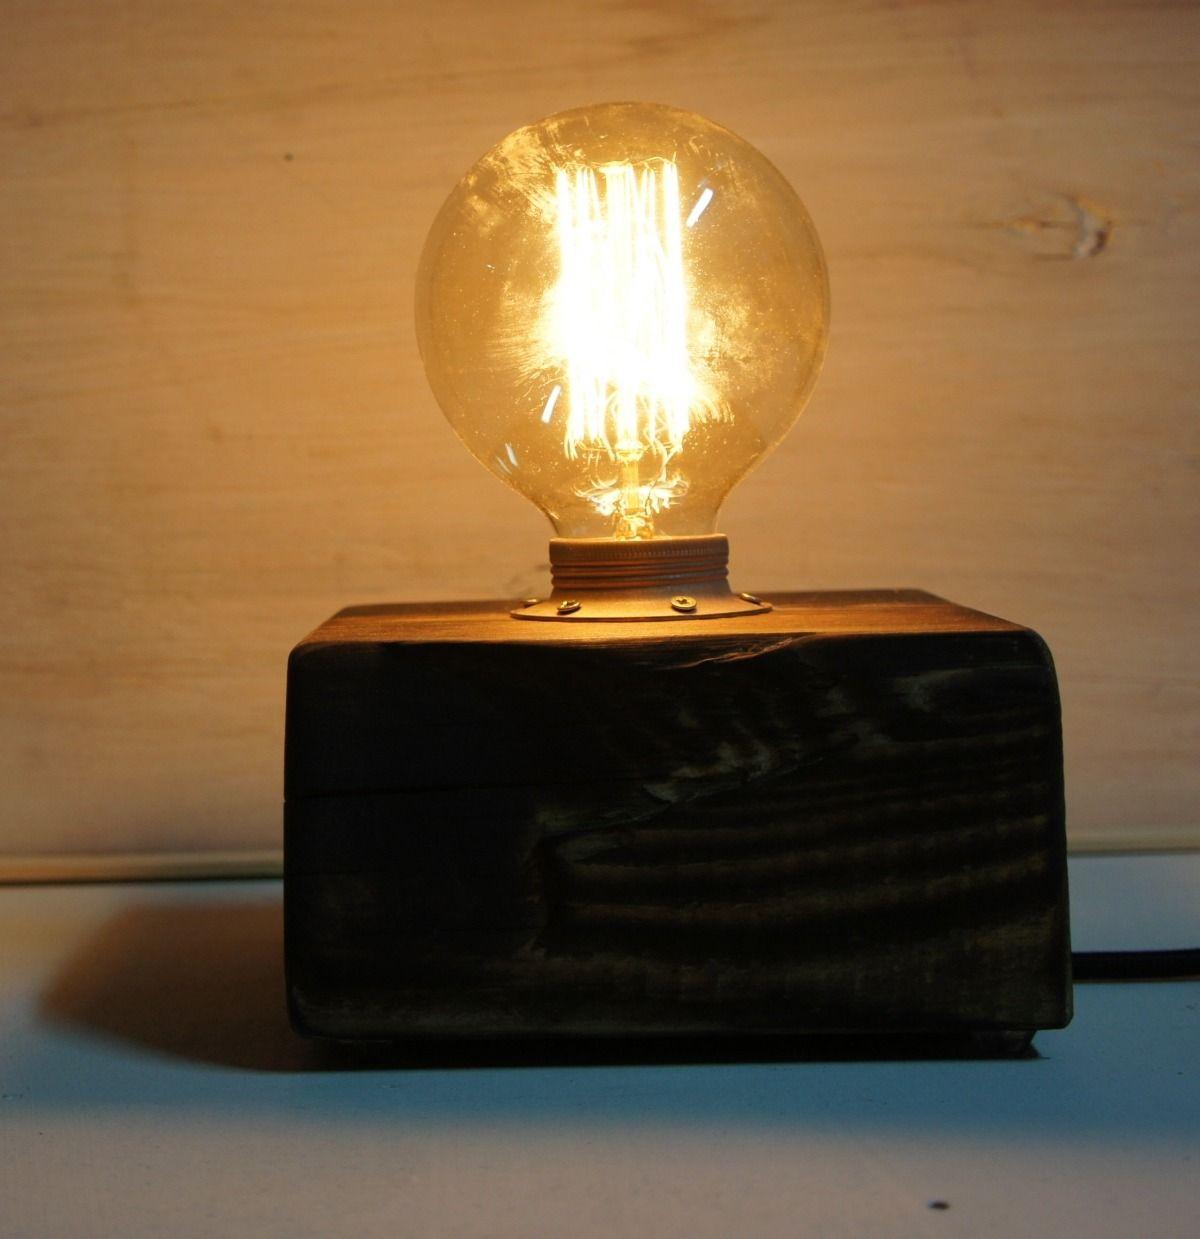 Wieszak Na Klucze Miniaturka Domki Skandynawskie 8904227345 Oficjalne Archiwum Allegro Edison Light Bulbs Light Bulb Decor